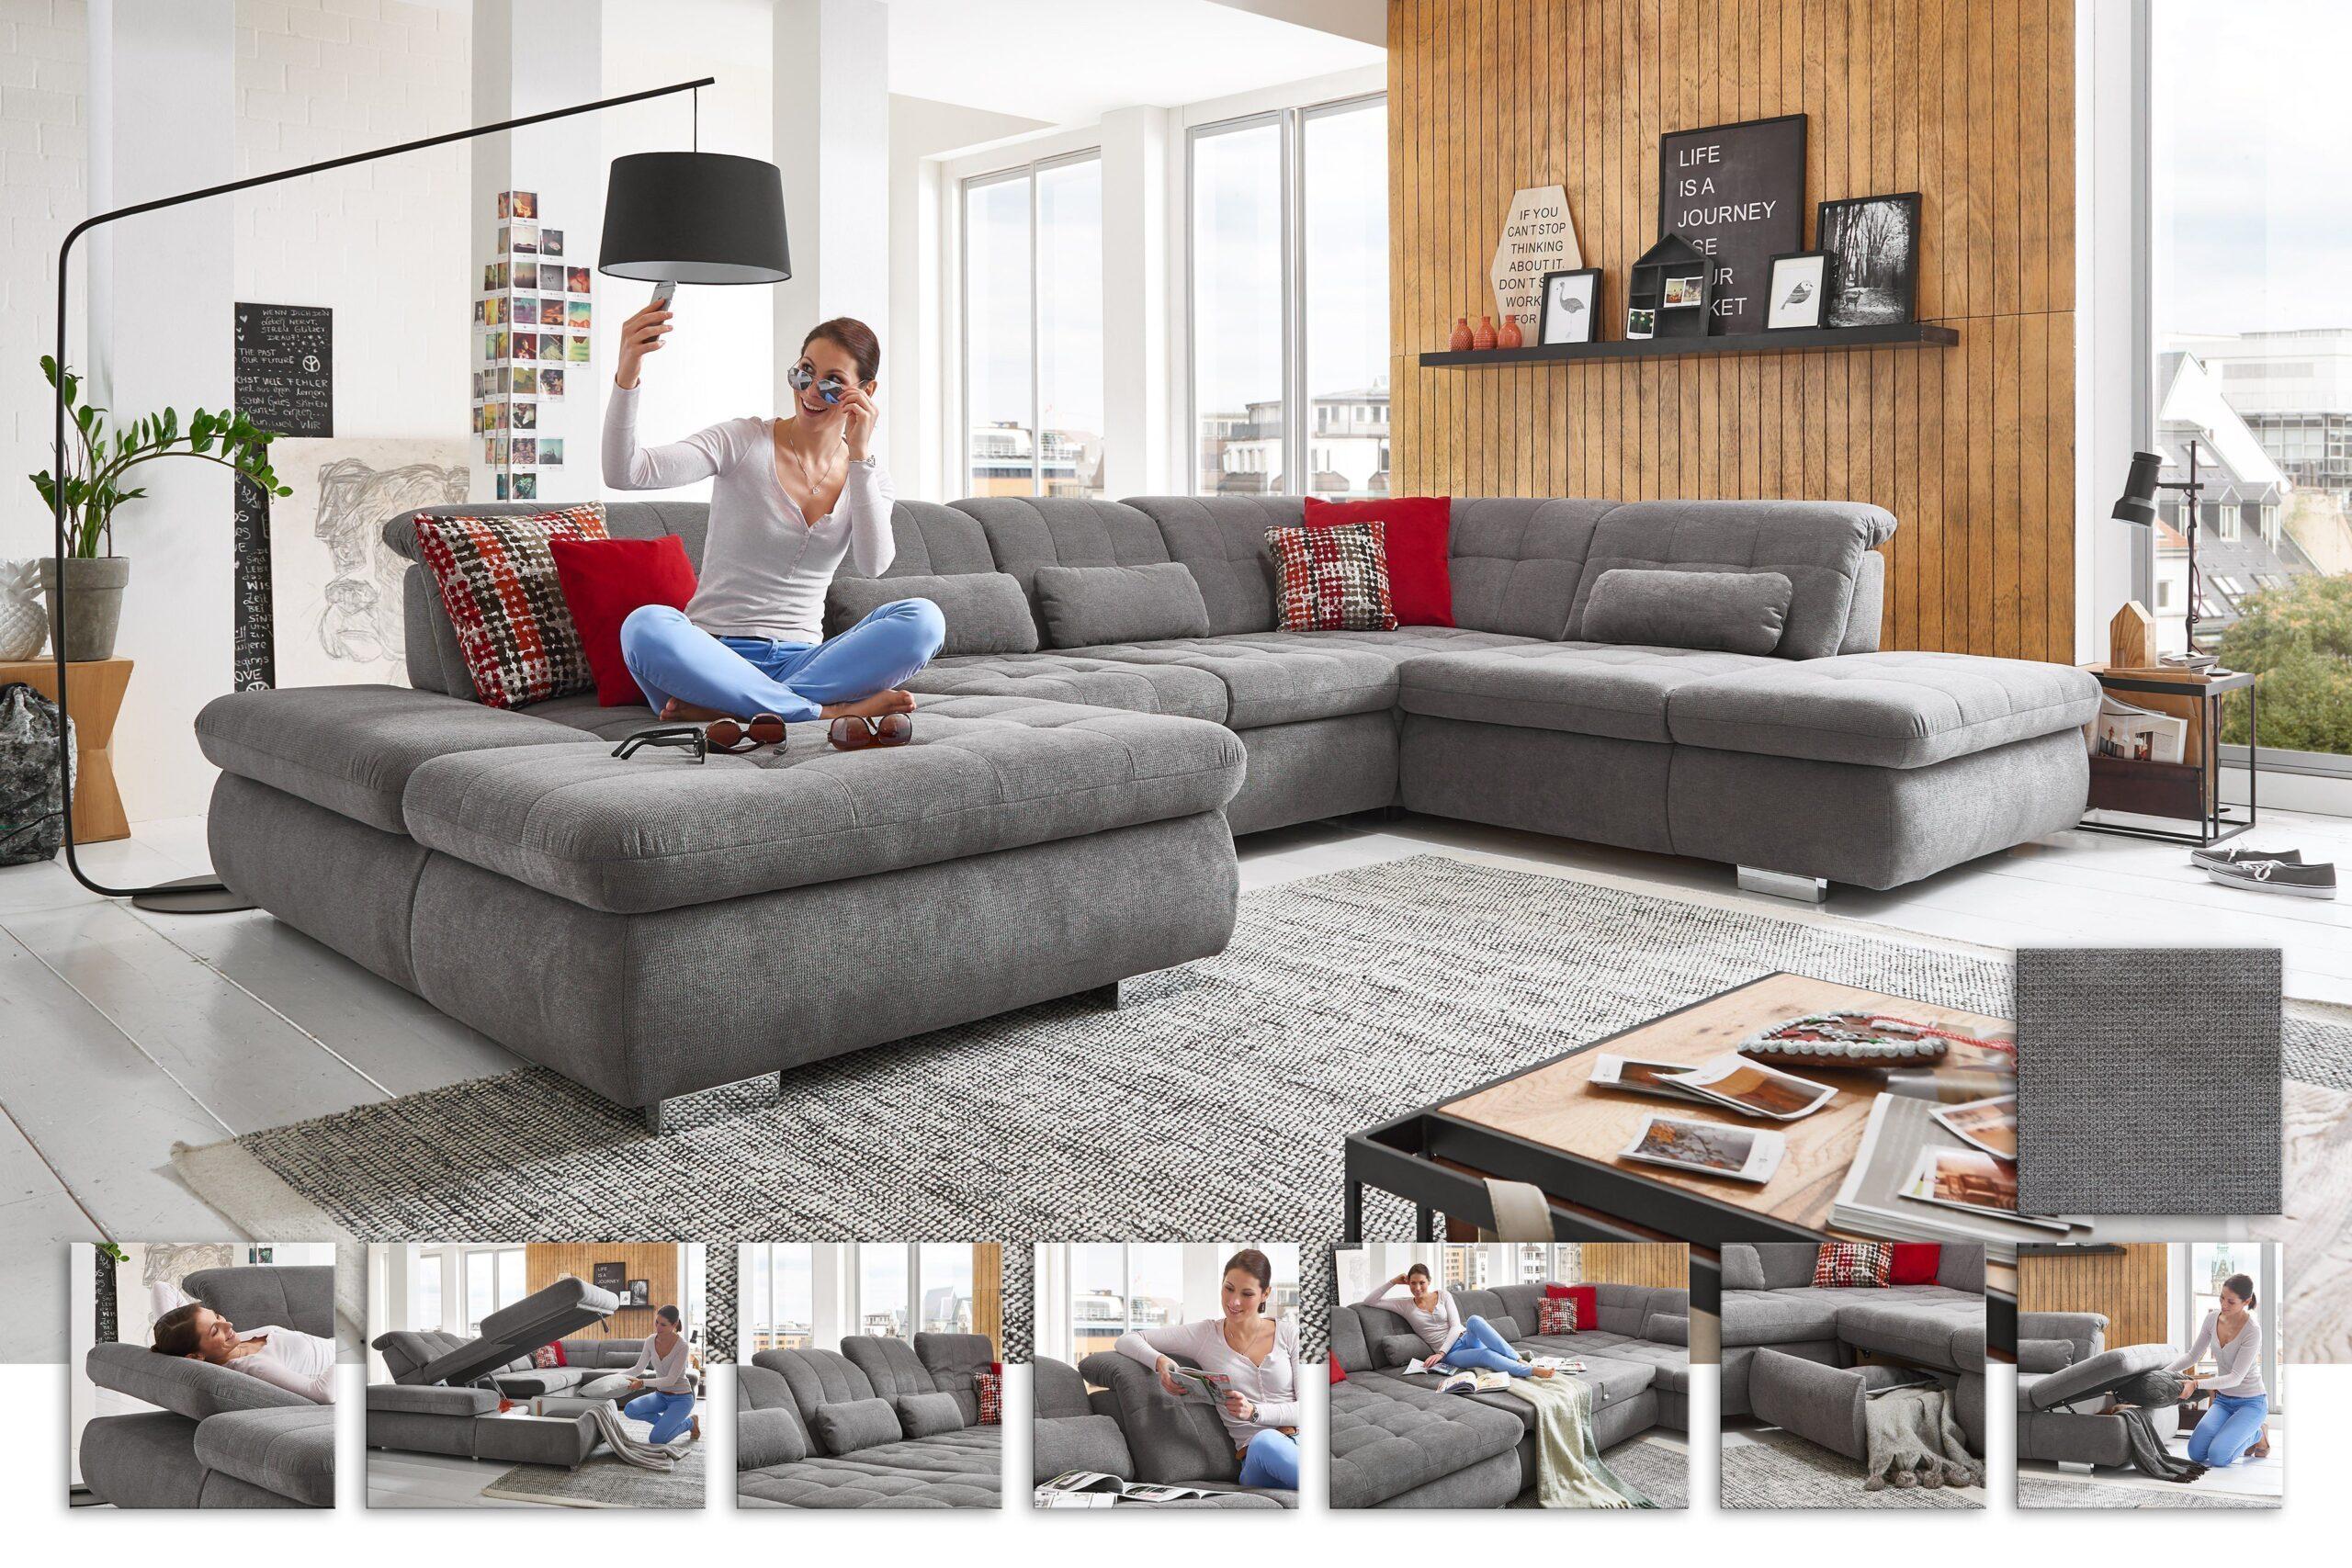 Full Size of Stage Von Megapol Wohnlandschaft Ausfhrung Rechts Grey Sofas Sofa Konfigurator Fenster Regal Online Wohnzimmer Megapol Konfigurator